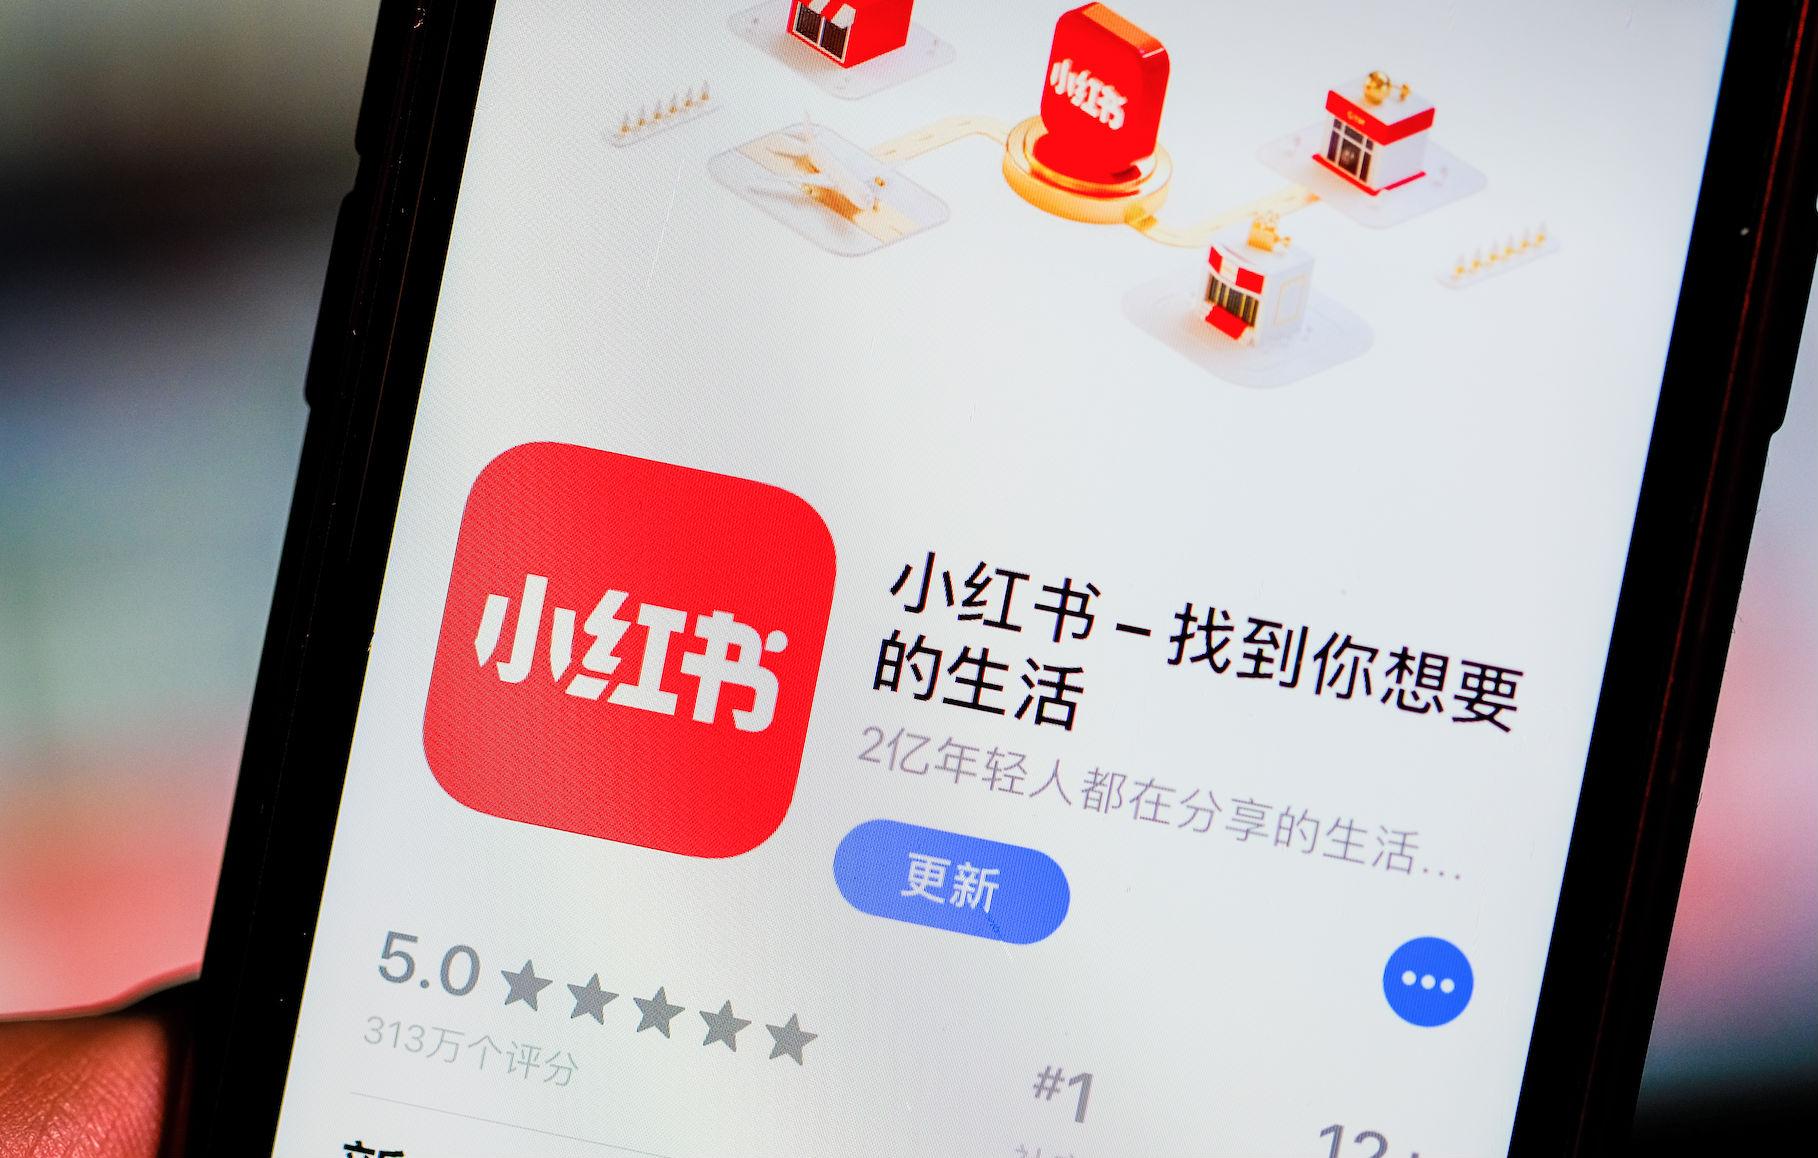 小红书在多家安卓应用市场下架,原因不明